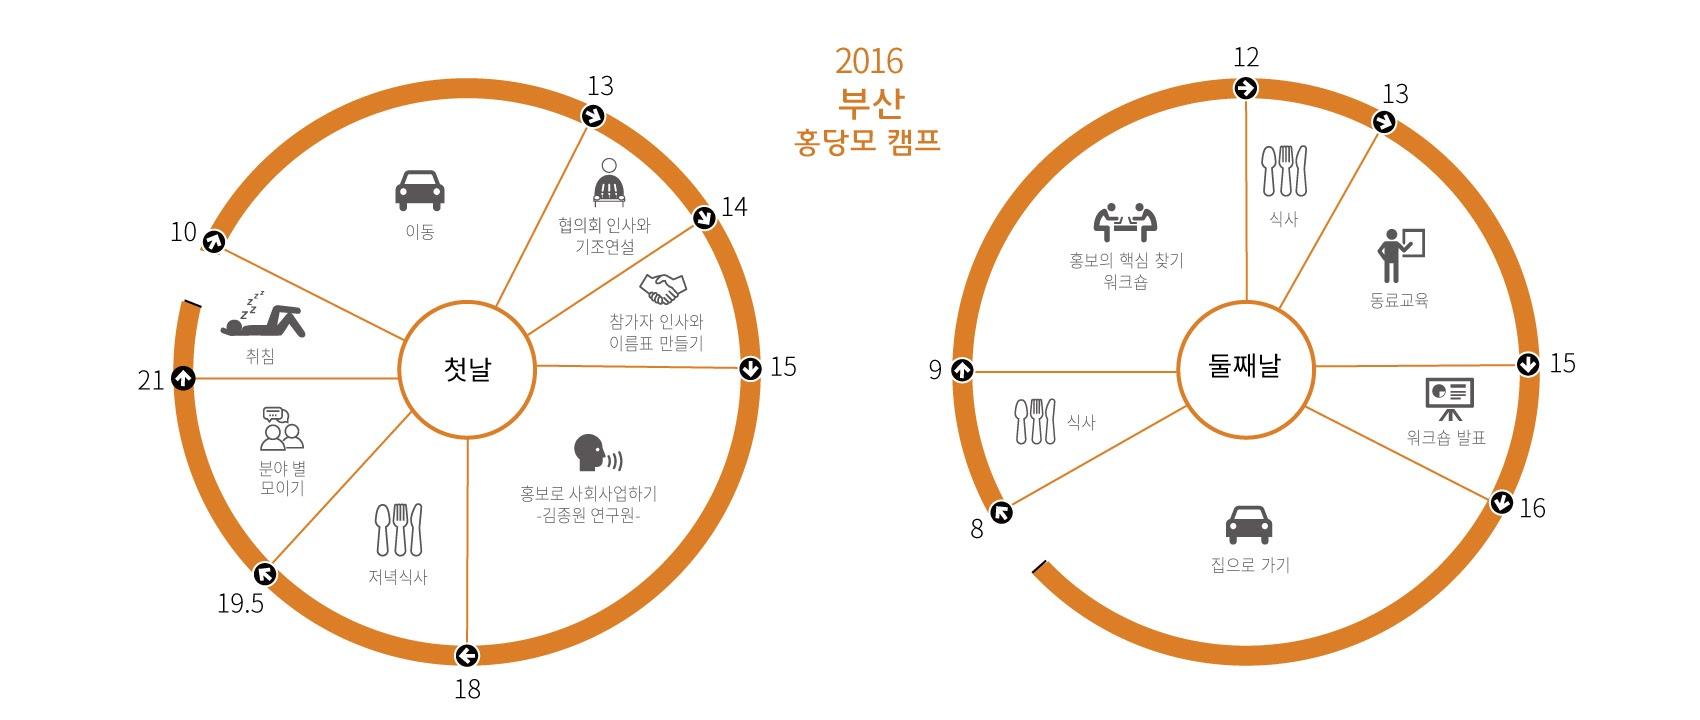 0. 부산홍당모시간표_현수막_3mX1.27m.jpg